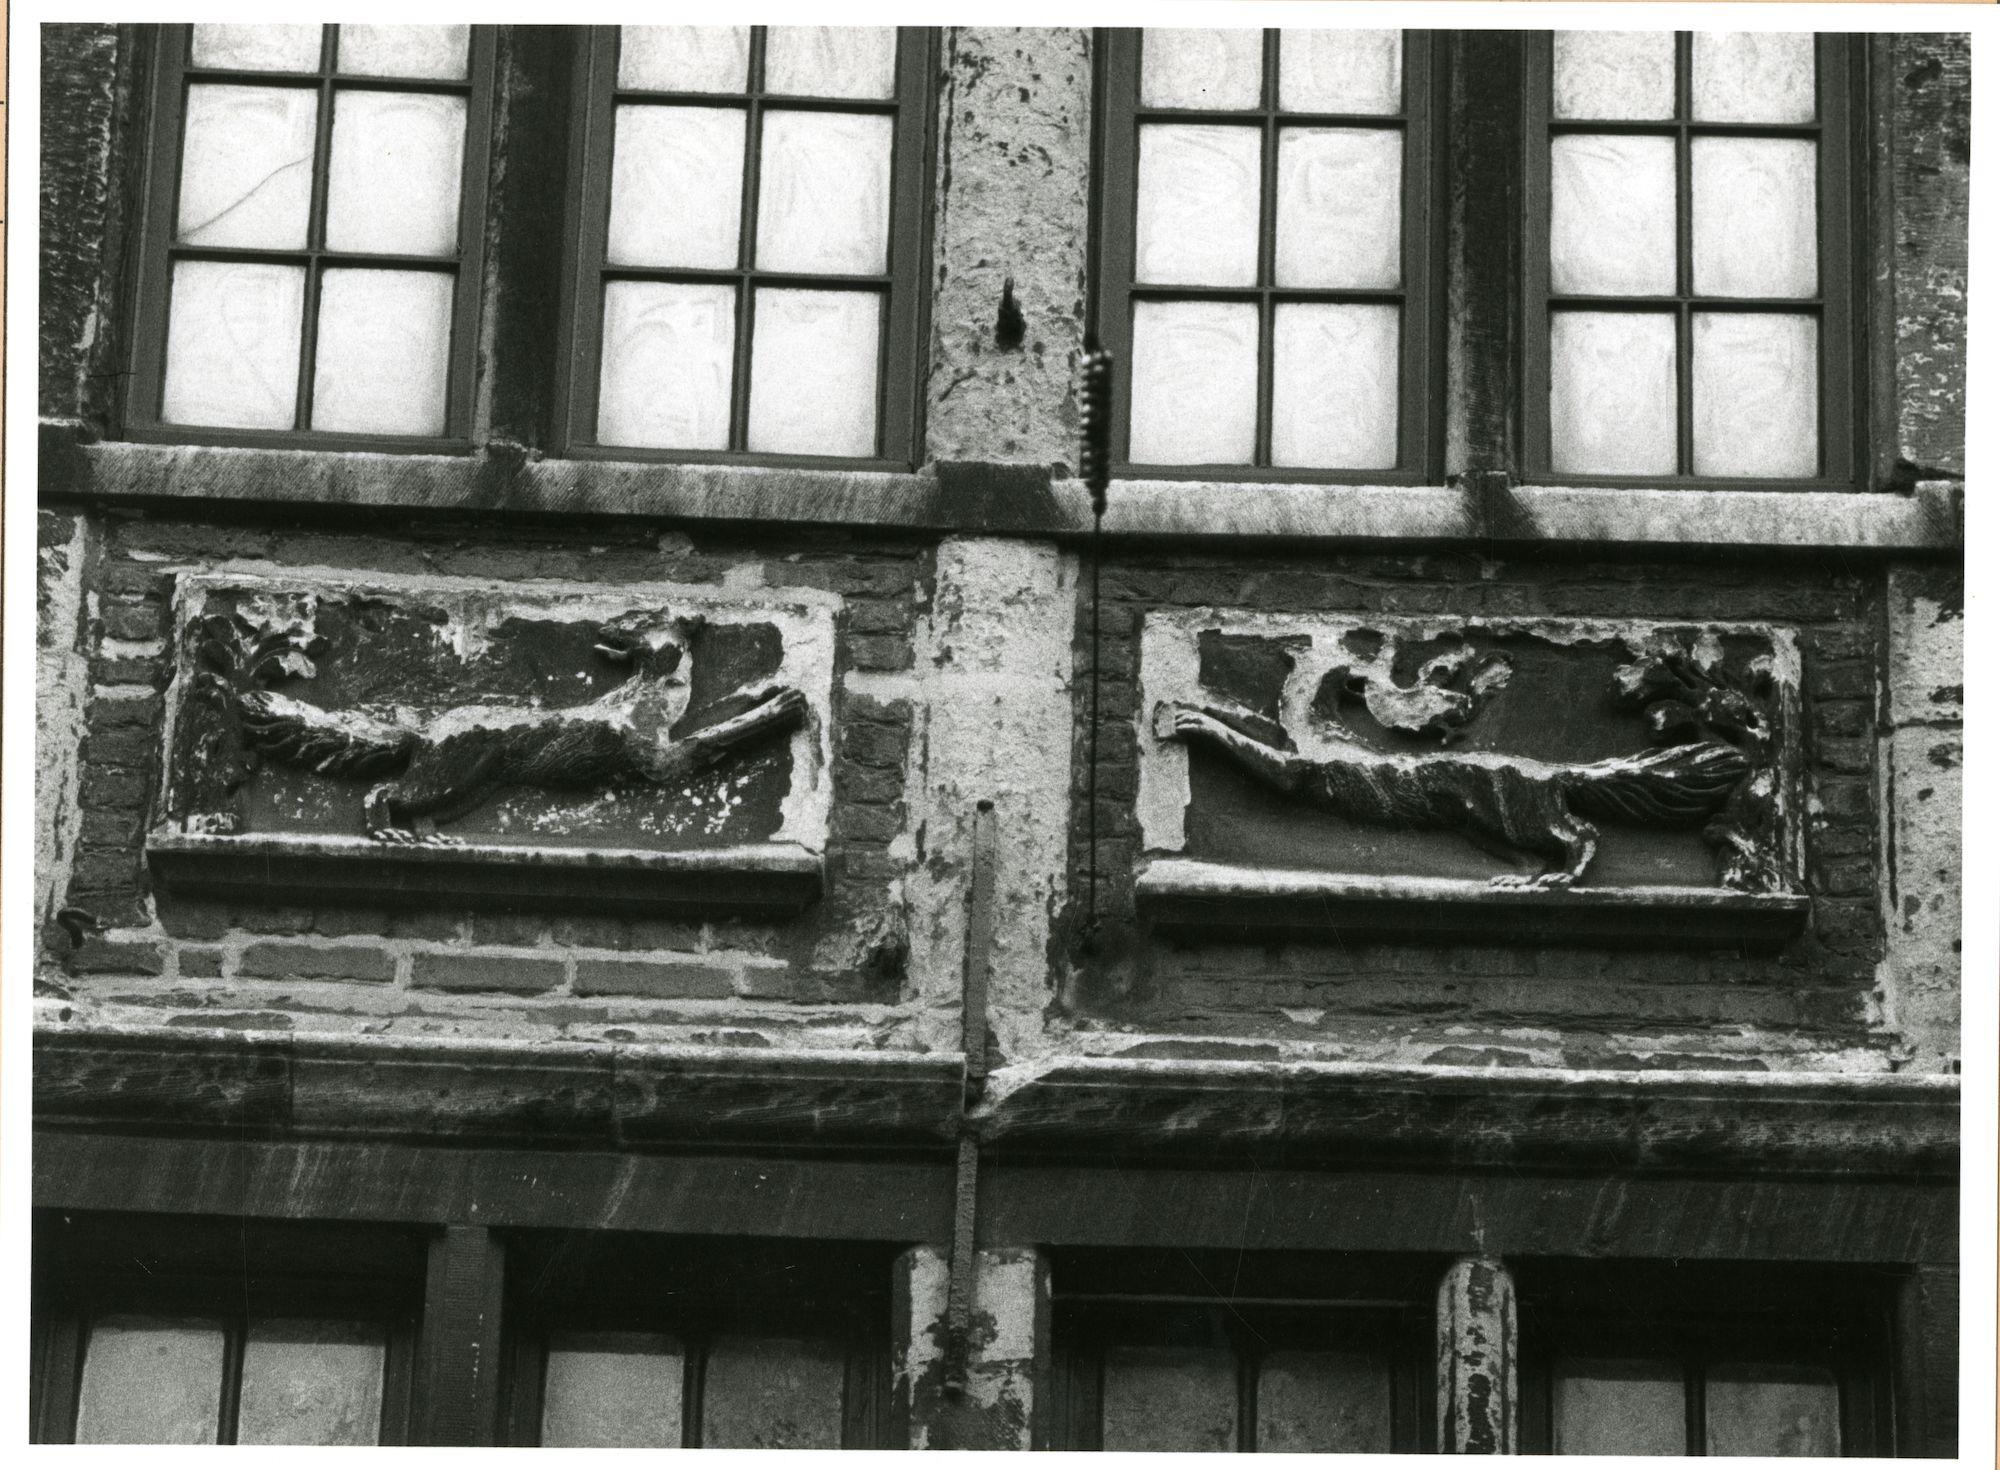 Gent: burgstraat 3: reliëfs: springende honden, 1980